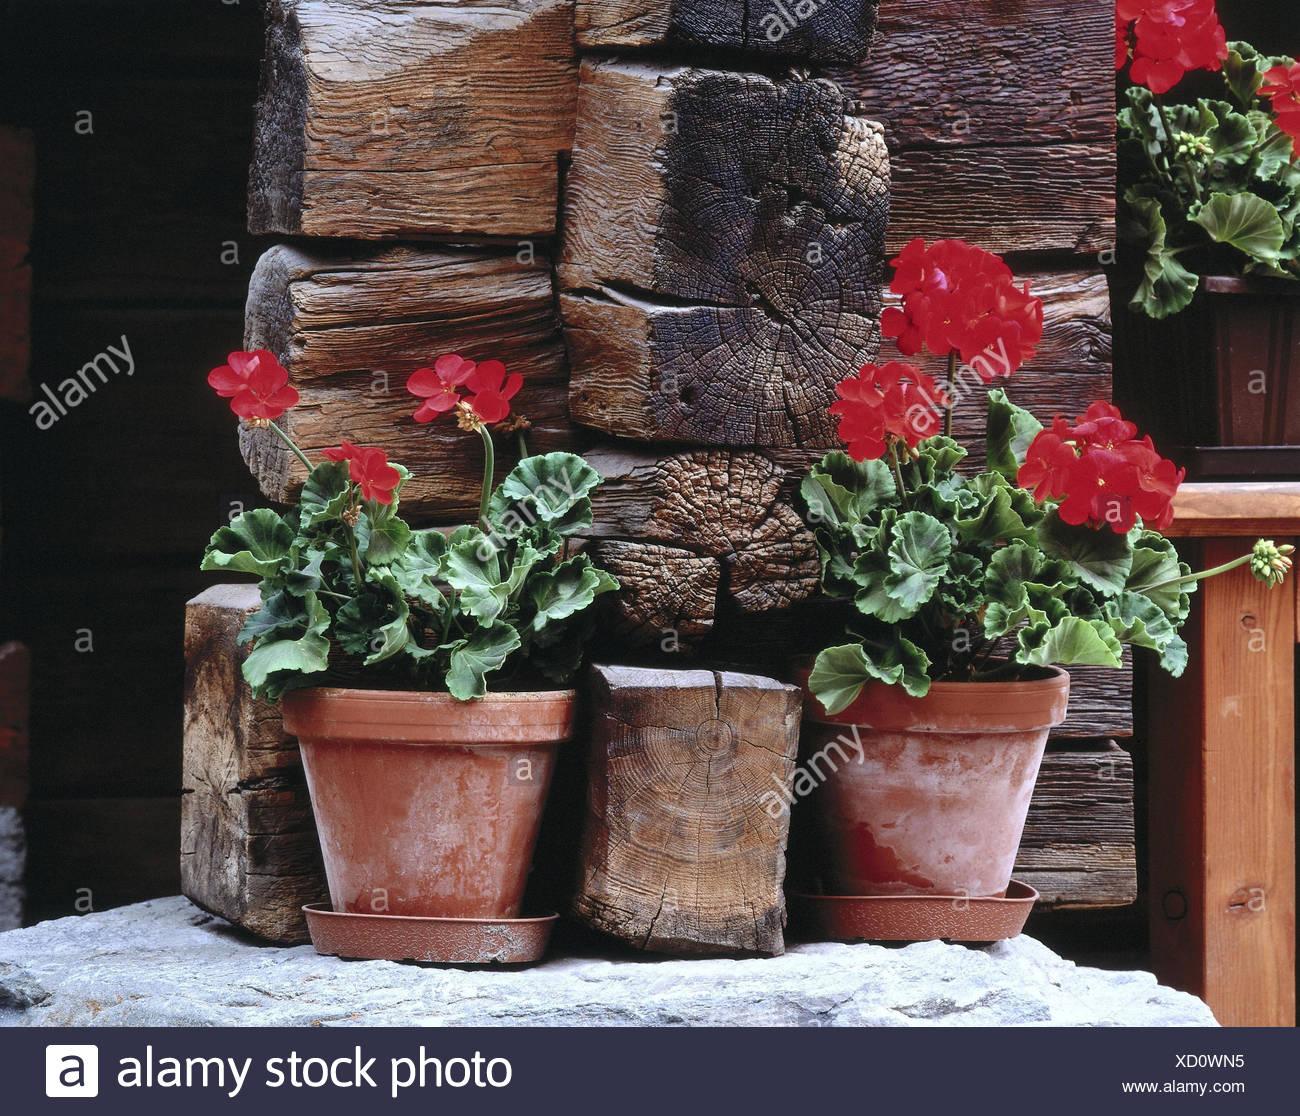 Blumentöpfe, Geranien, Hölzern, Hölzerne Balken, Pelargonien, Pflanzen,  Blumen, Blüten, Blüte, Blumentopf, Topfpflanzen, Blumen, Blumenschmuck,  Balkonblumen ...